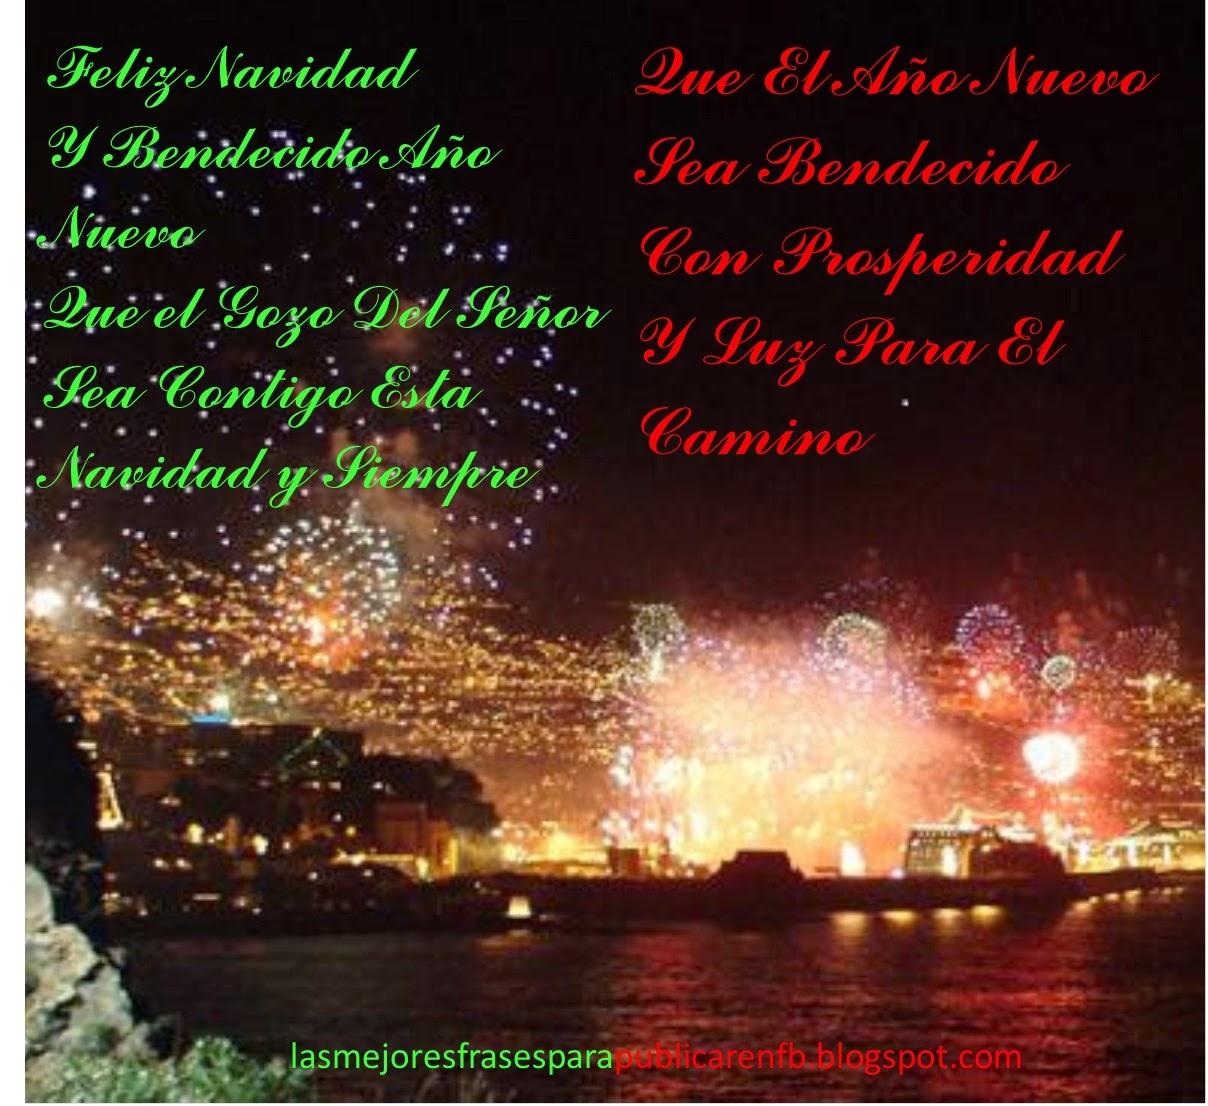 Frases De Navidad Y Año Nuevo: Feliz Navidad Y Bendecido Año Nuevo